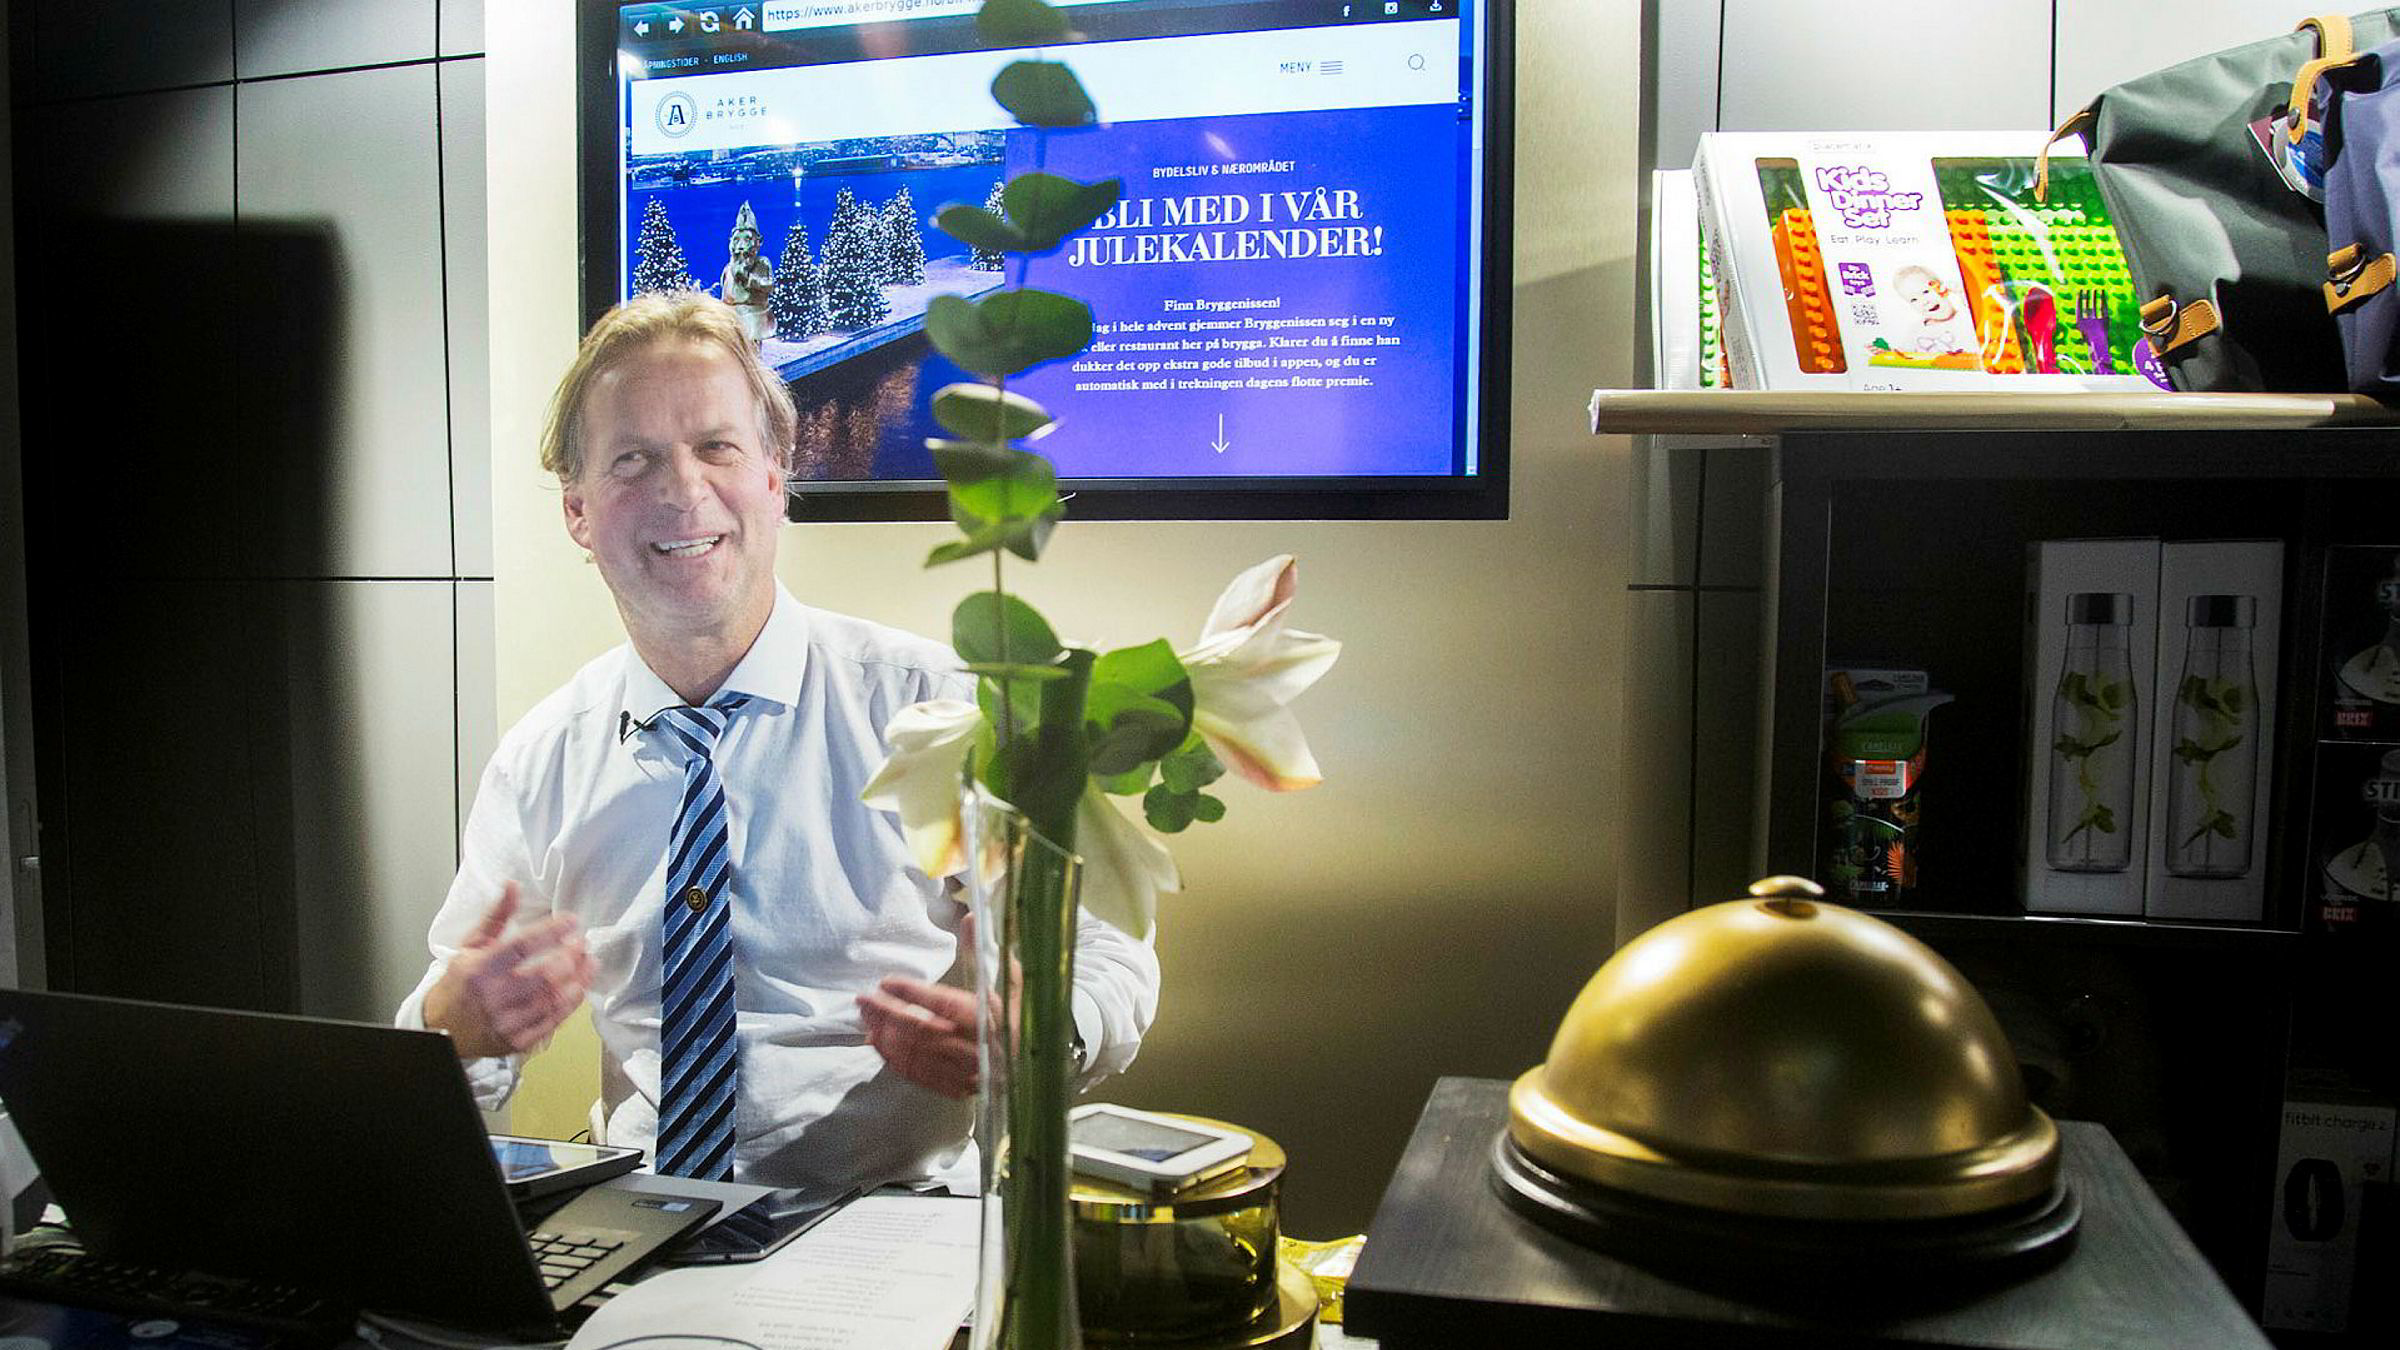 Fra sitt kontor på Aker Brygge hjelper Arnfinn Fagermo folk med alle mulige typer problemer og utfordringer.